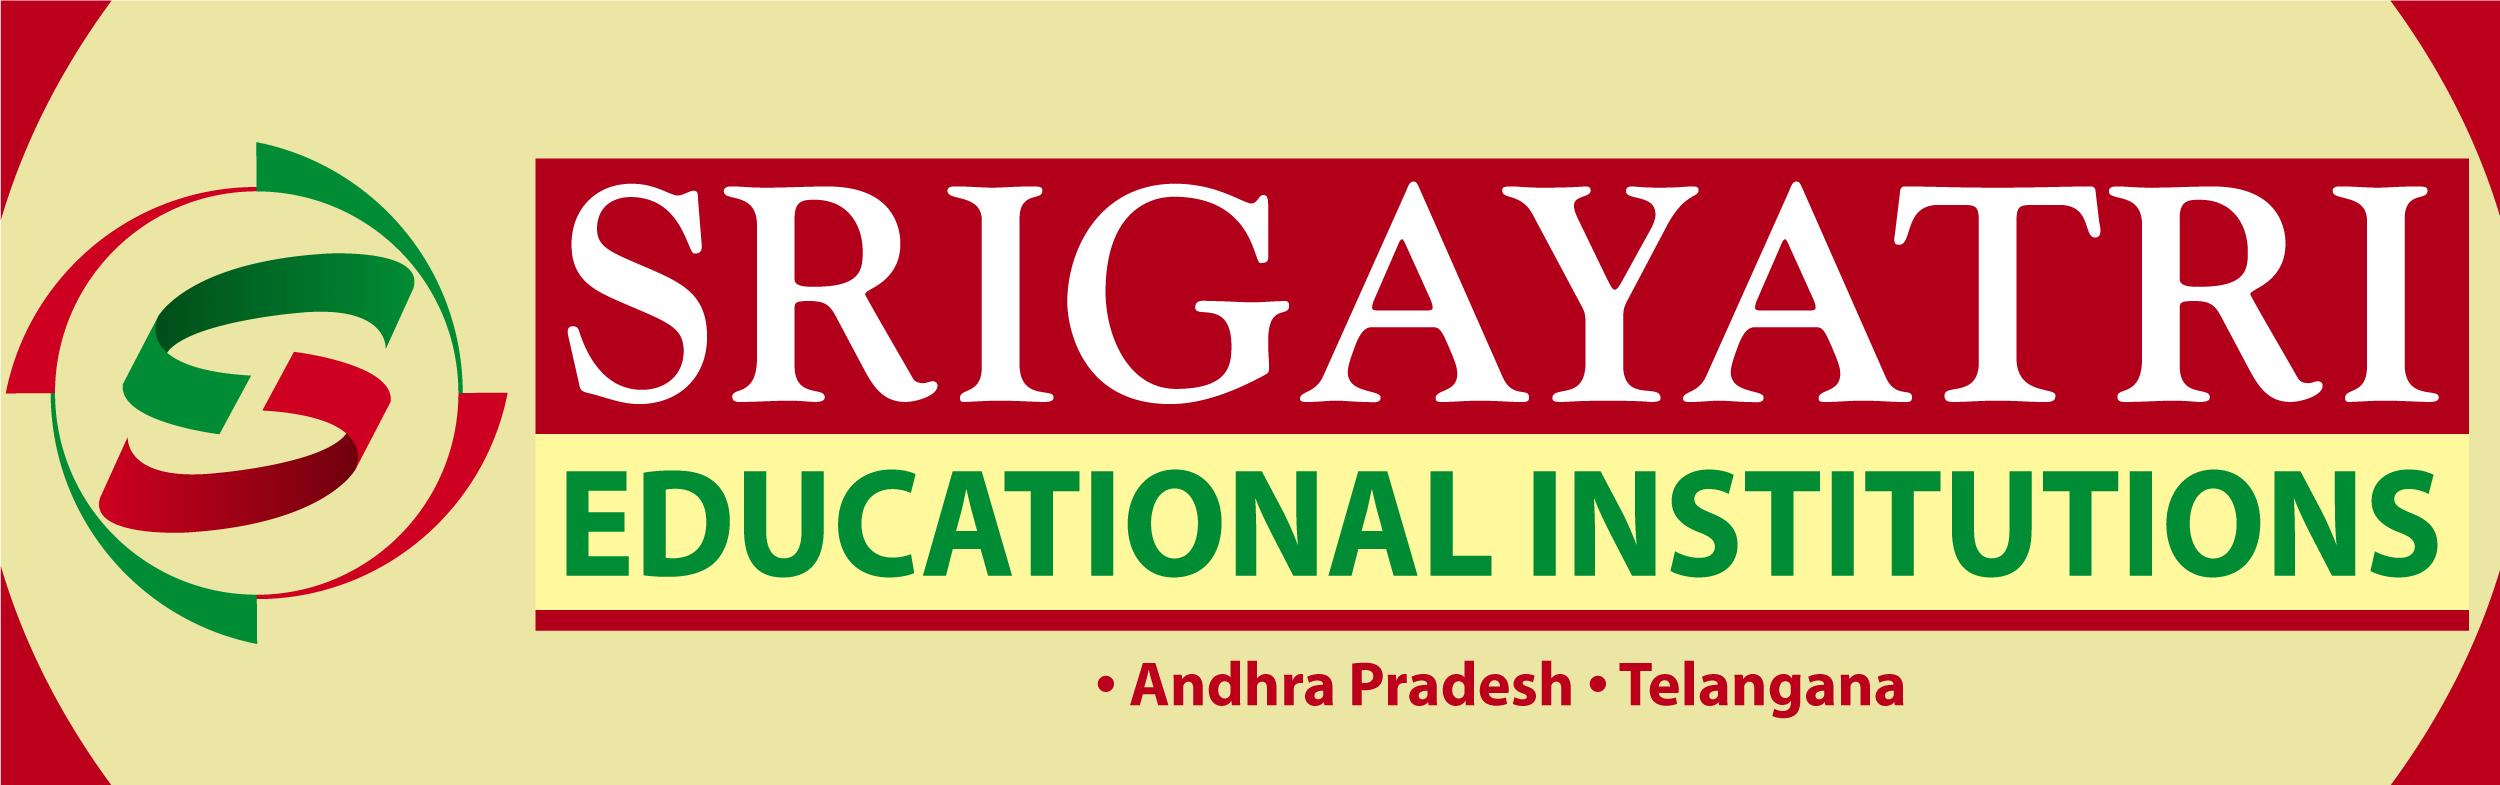 Srigayatri Academy Junior Colleges In Hyderabad